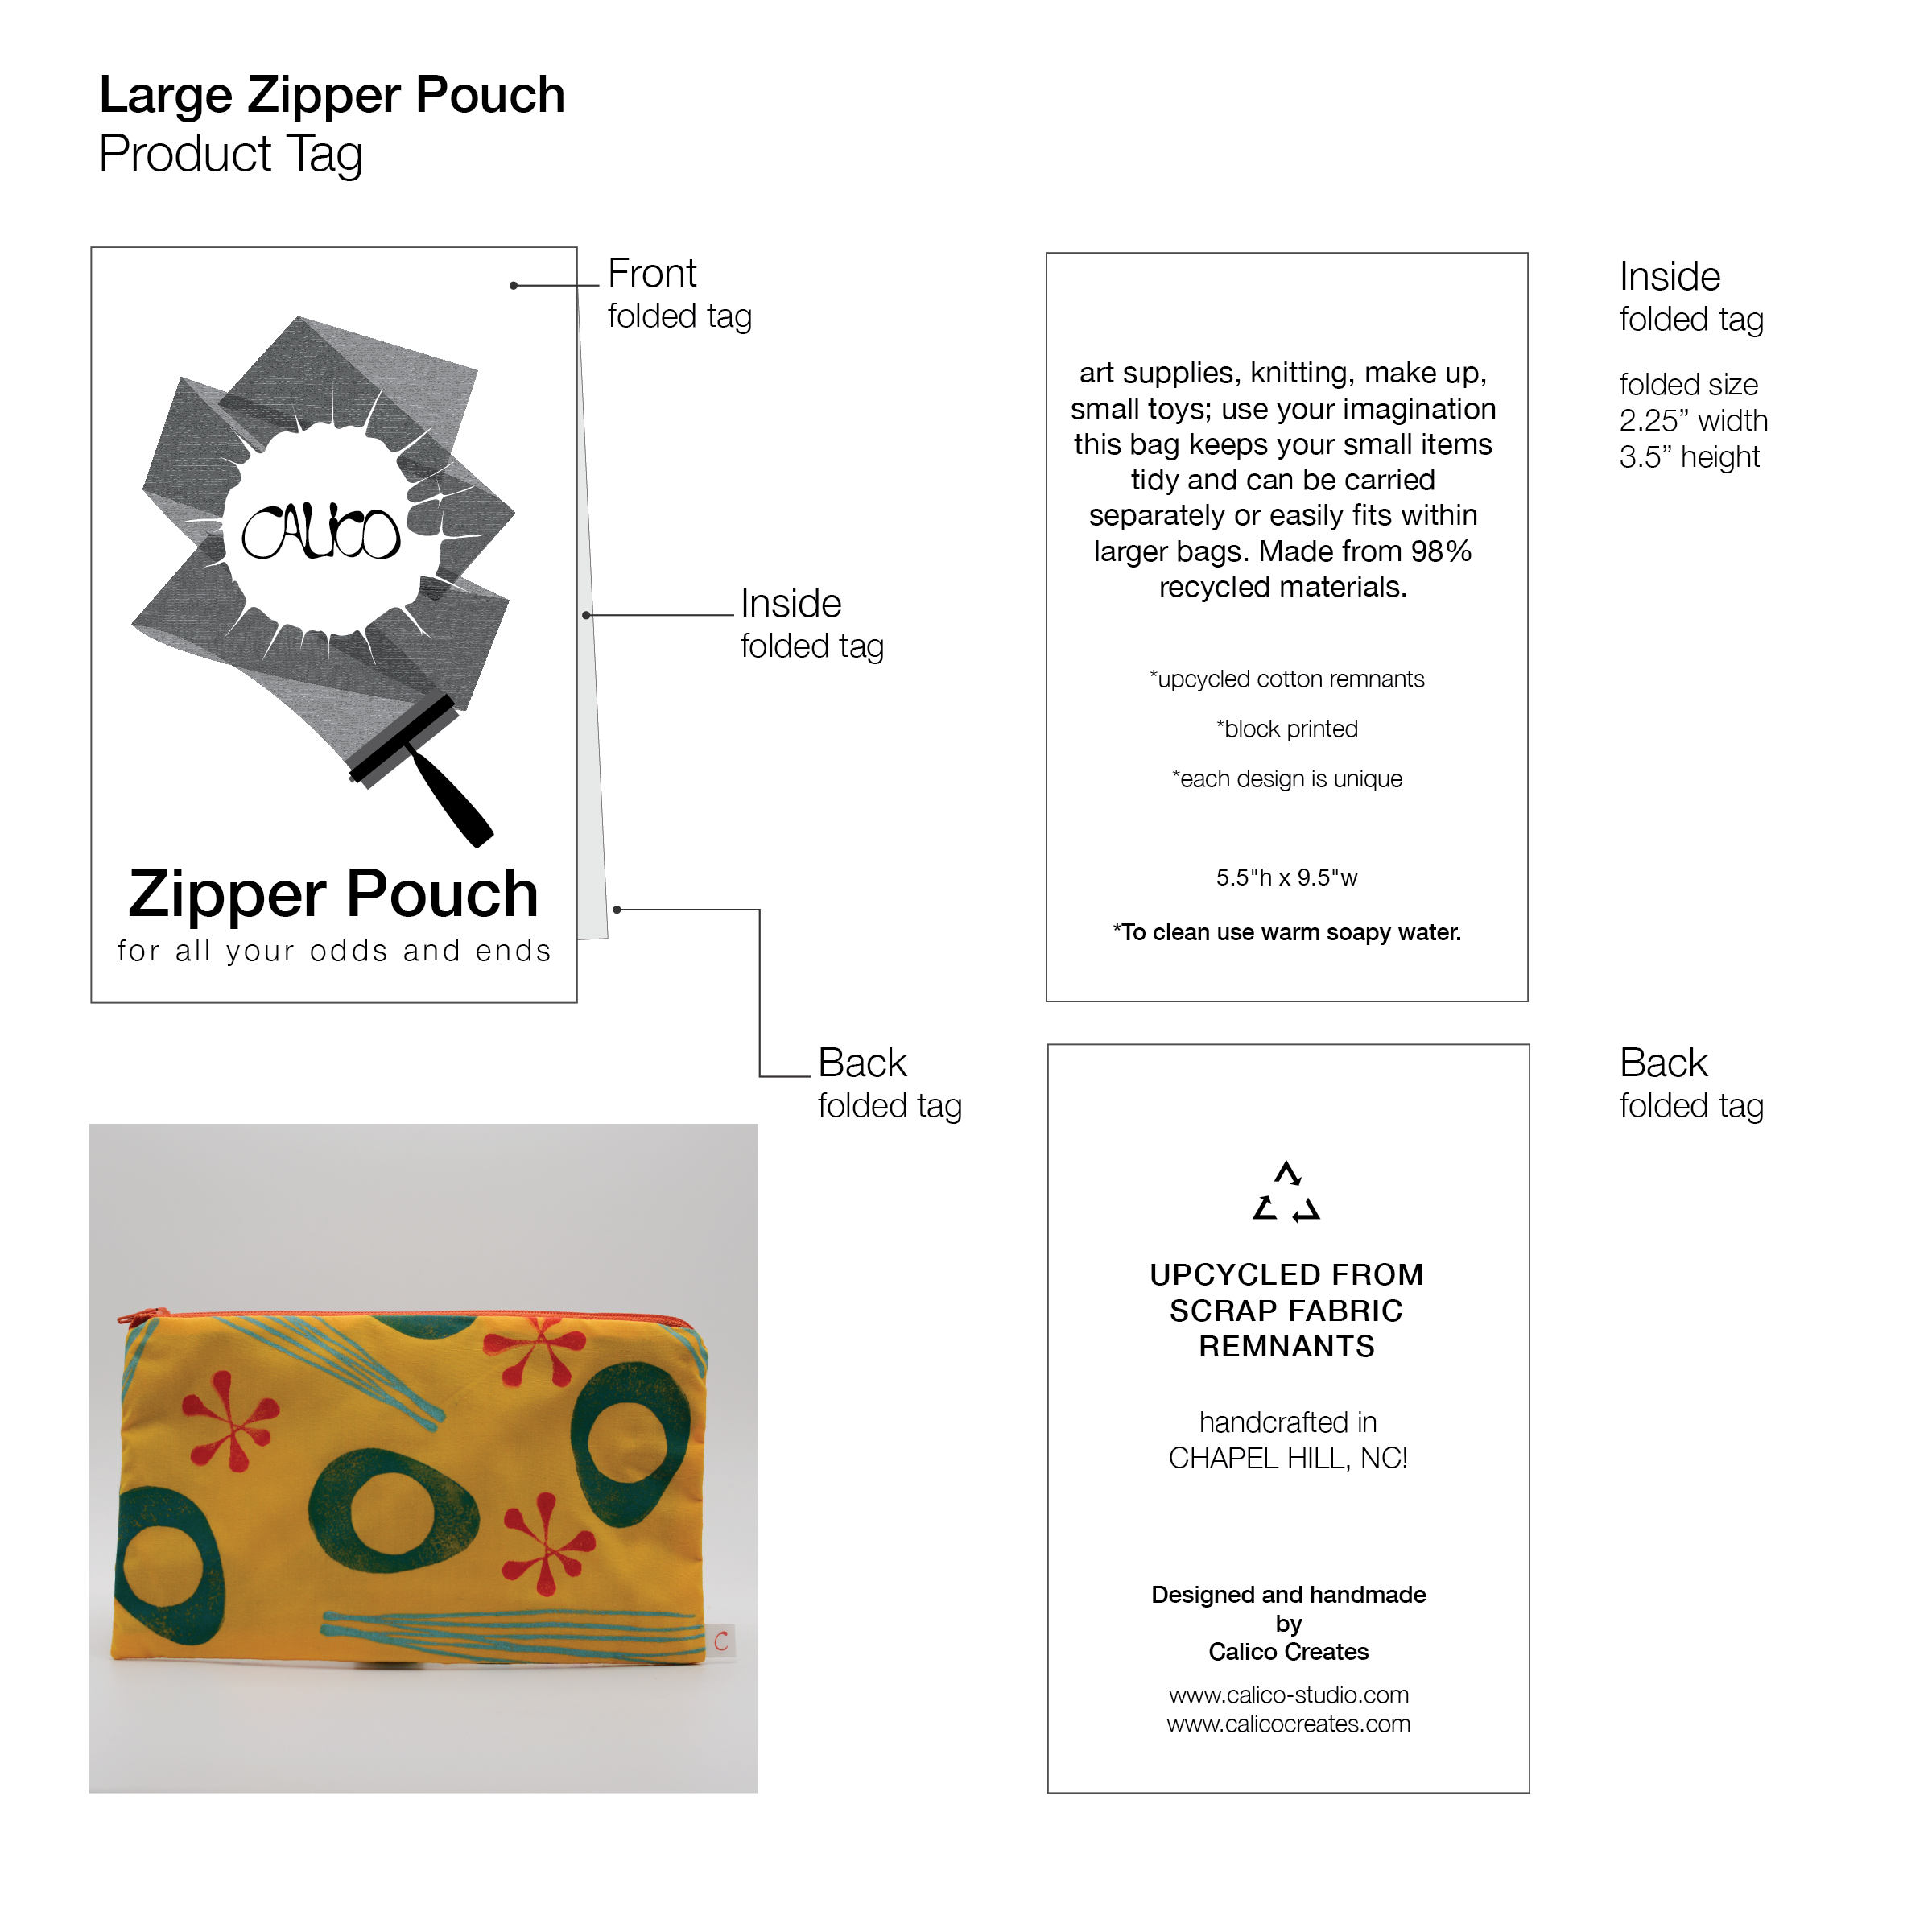 LargeZipperProductTagGraphics.png